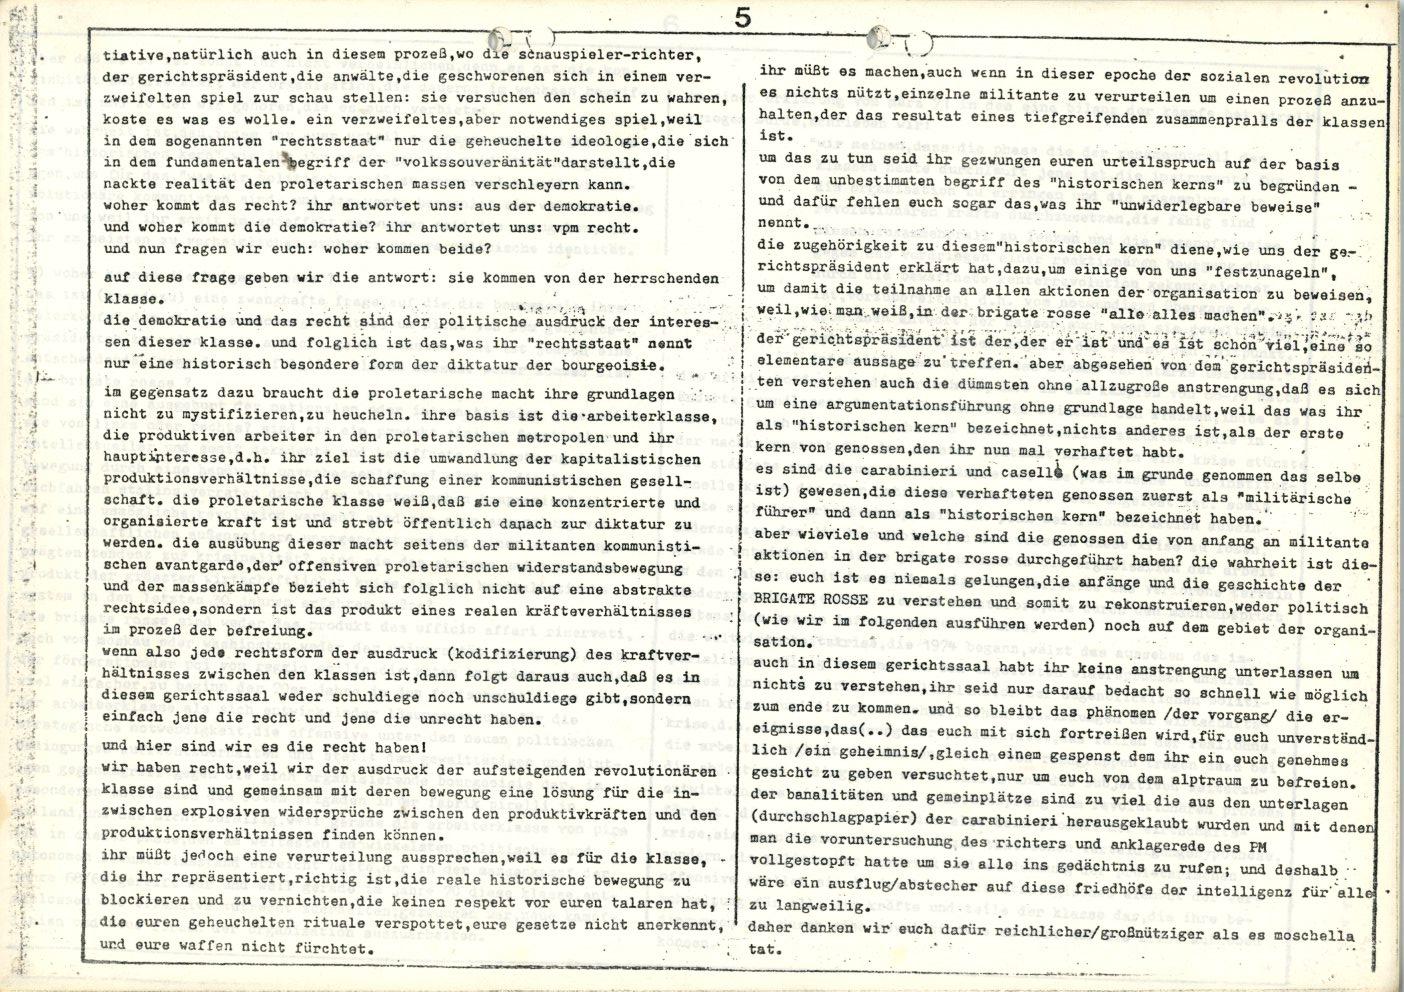 Italien_Brigate_Rosse_1982_Texte_1_20